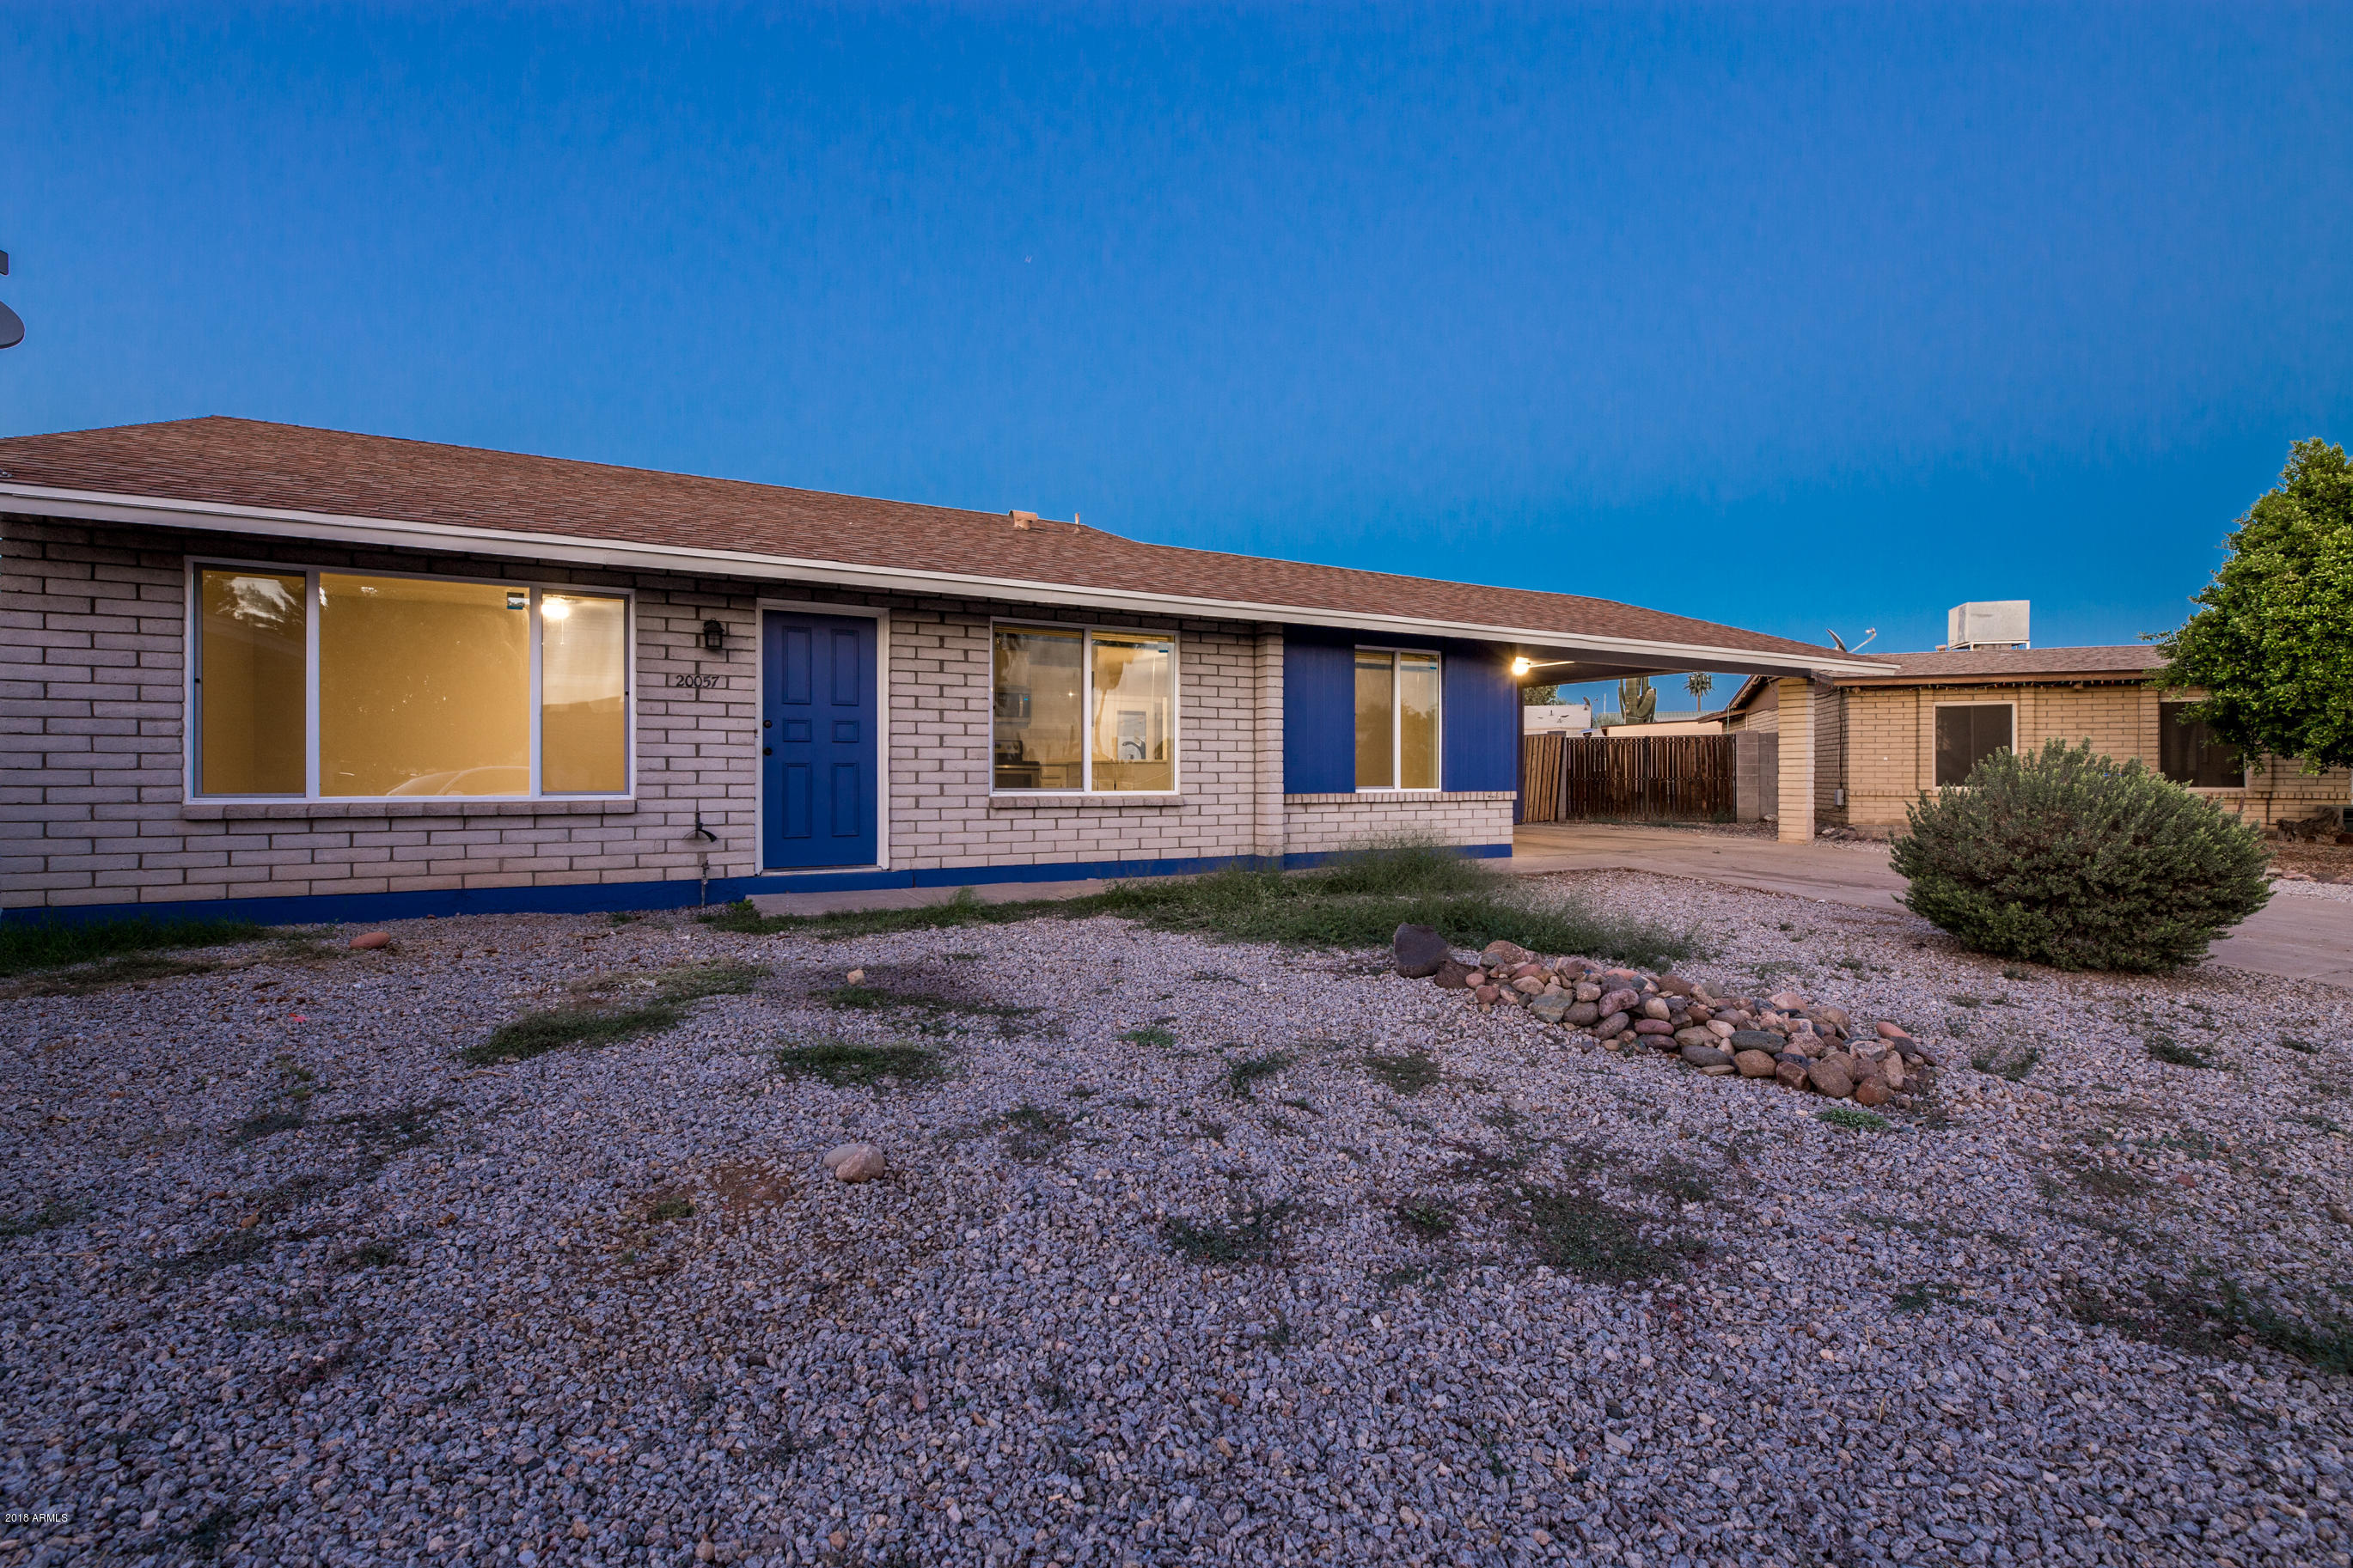 MLS 5817528 20057 N 15TH Drive, Phoenix, AZ 85027 Phoenix AZ Desert Valley Estates